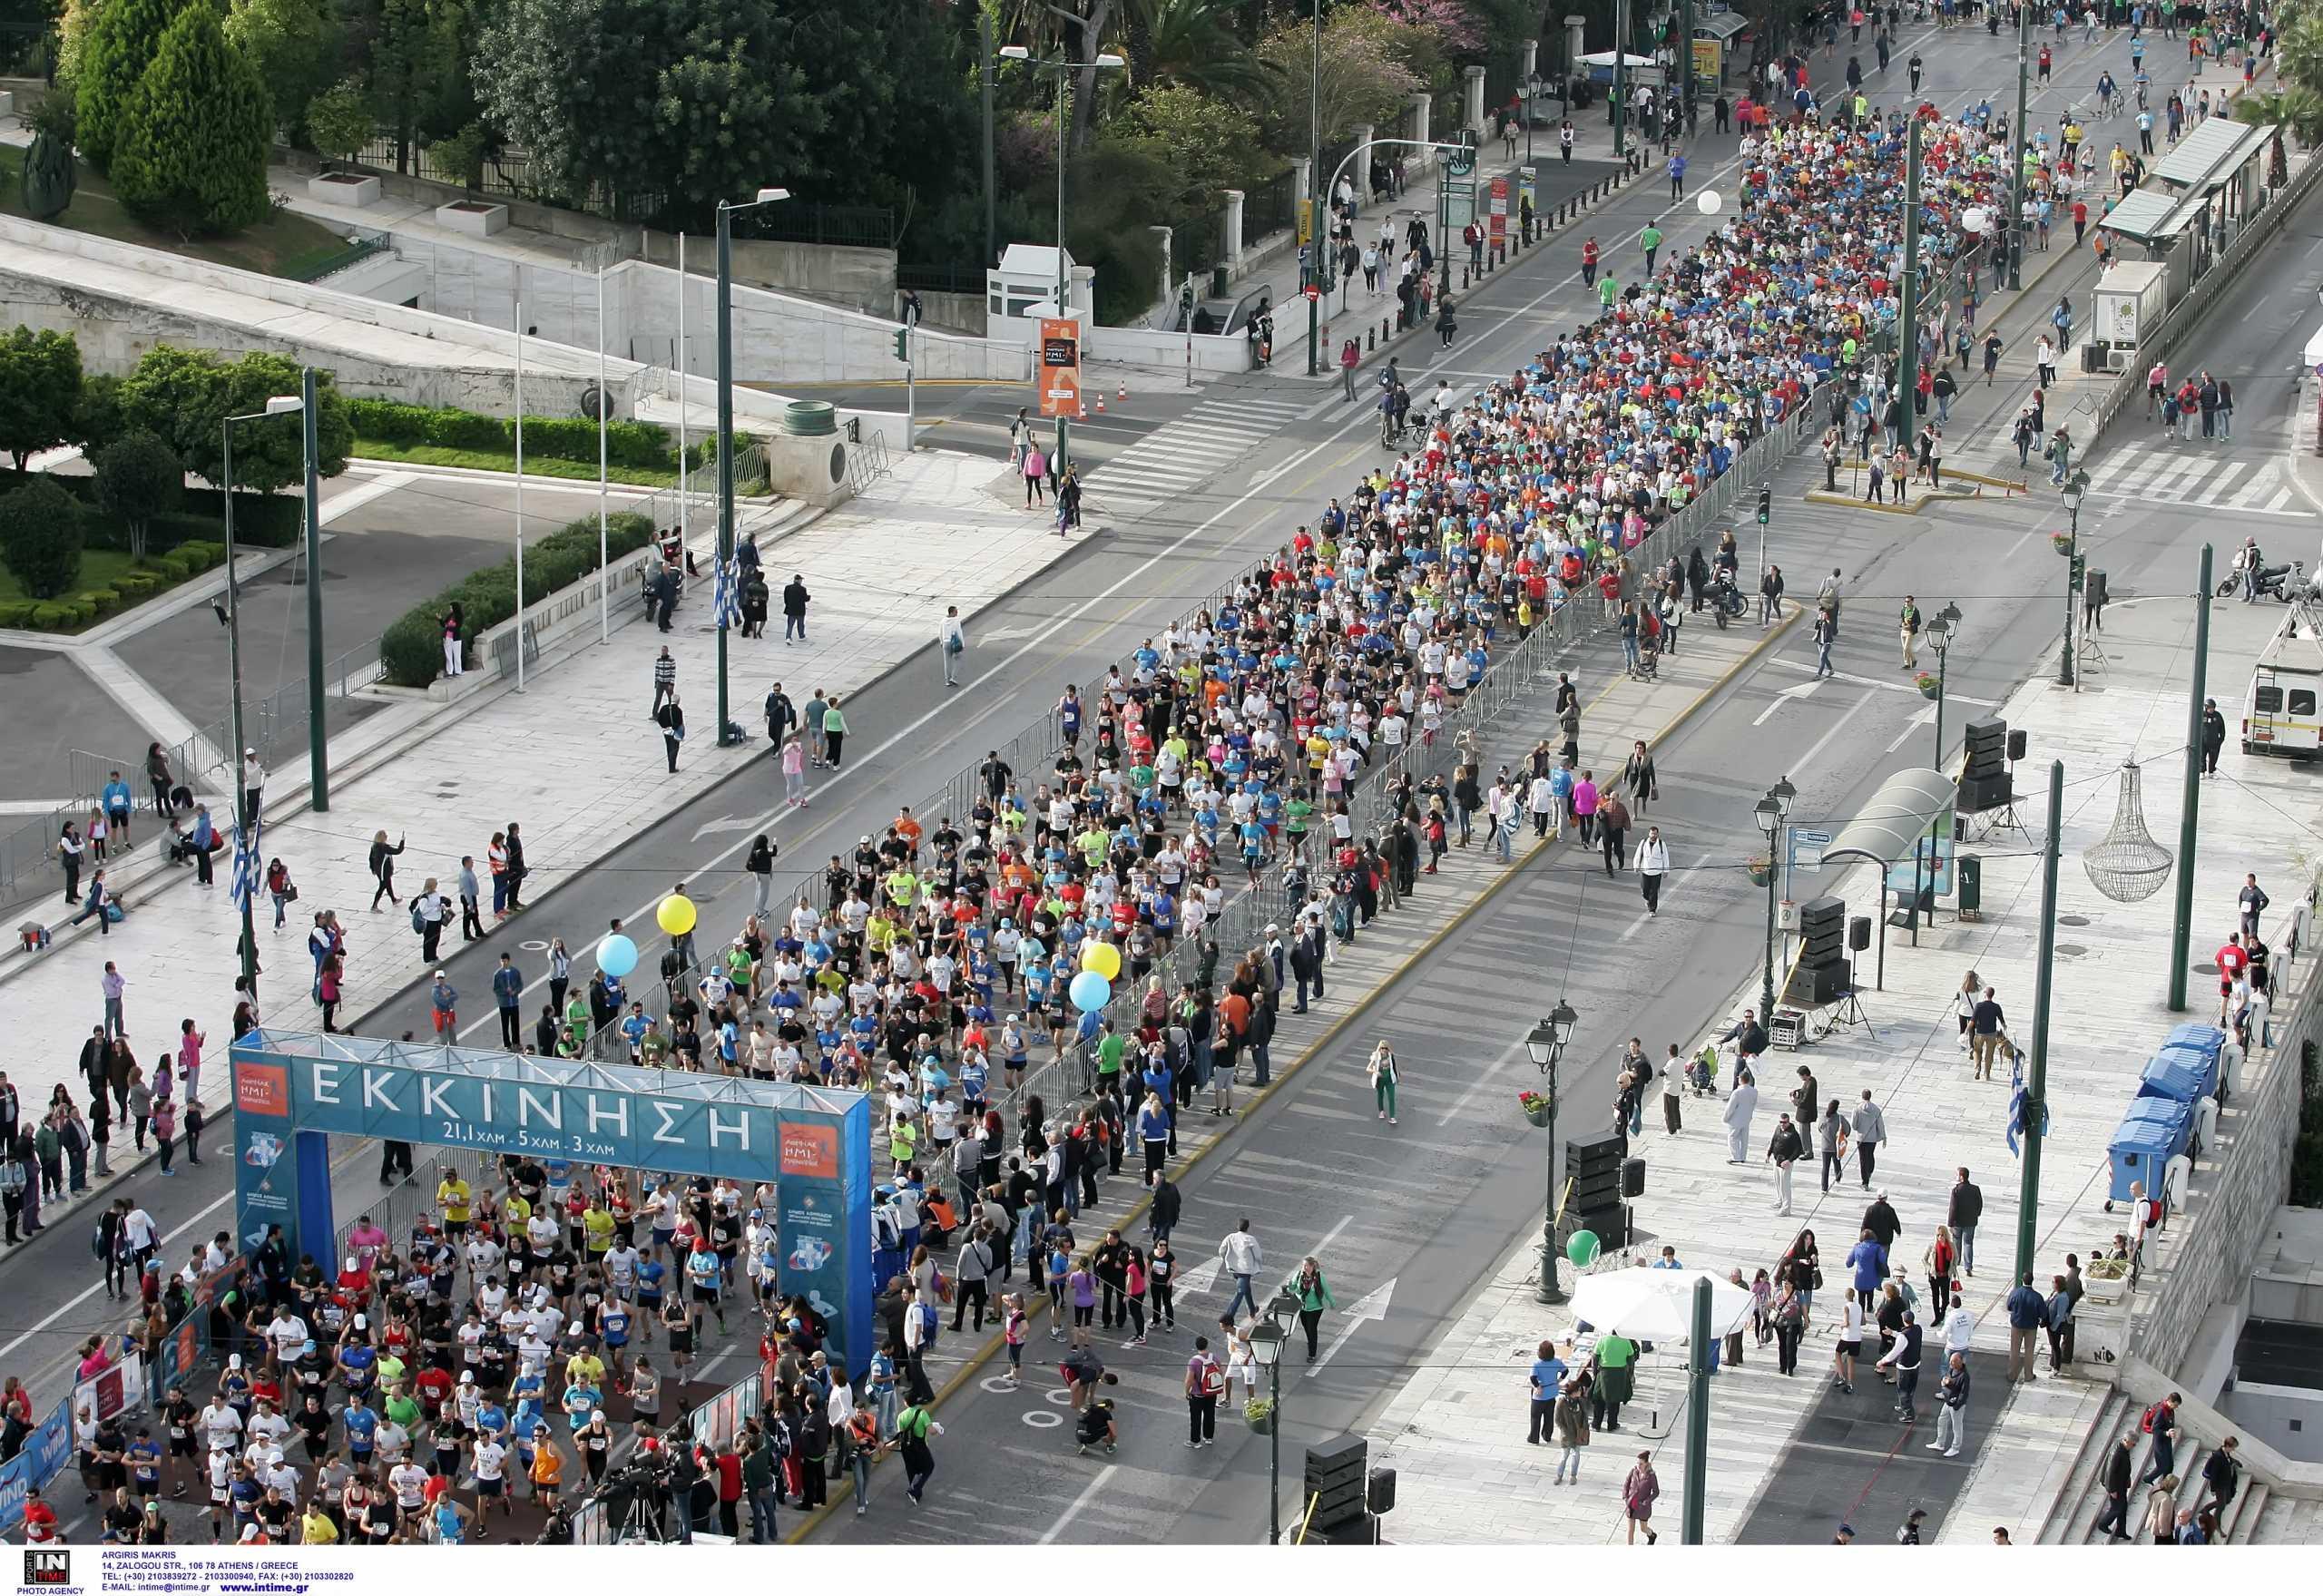 Ημιμαραθώνιος Αθήνας 2021: Τι αλλάζει με το Τραμ – Πώς θα κινηθούν οι συρμοί